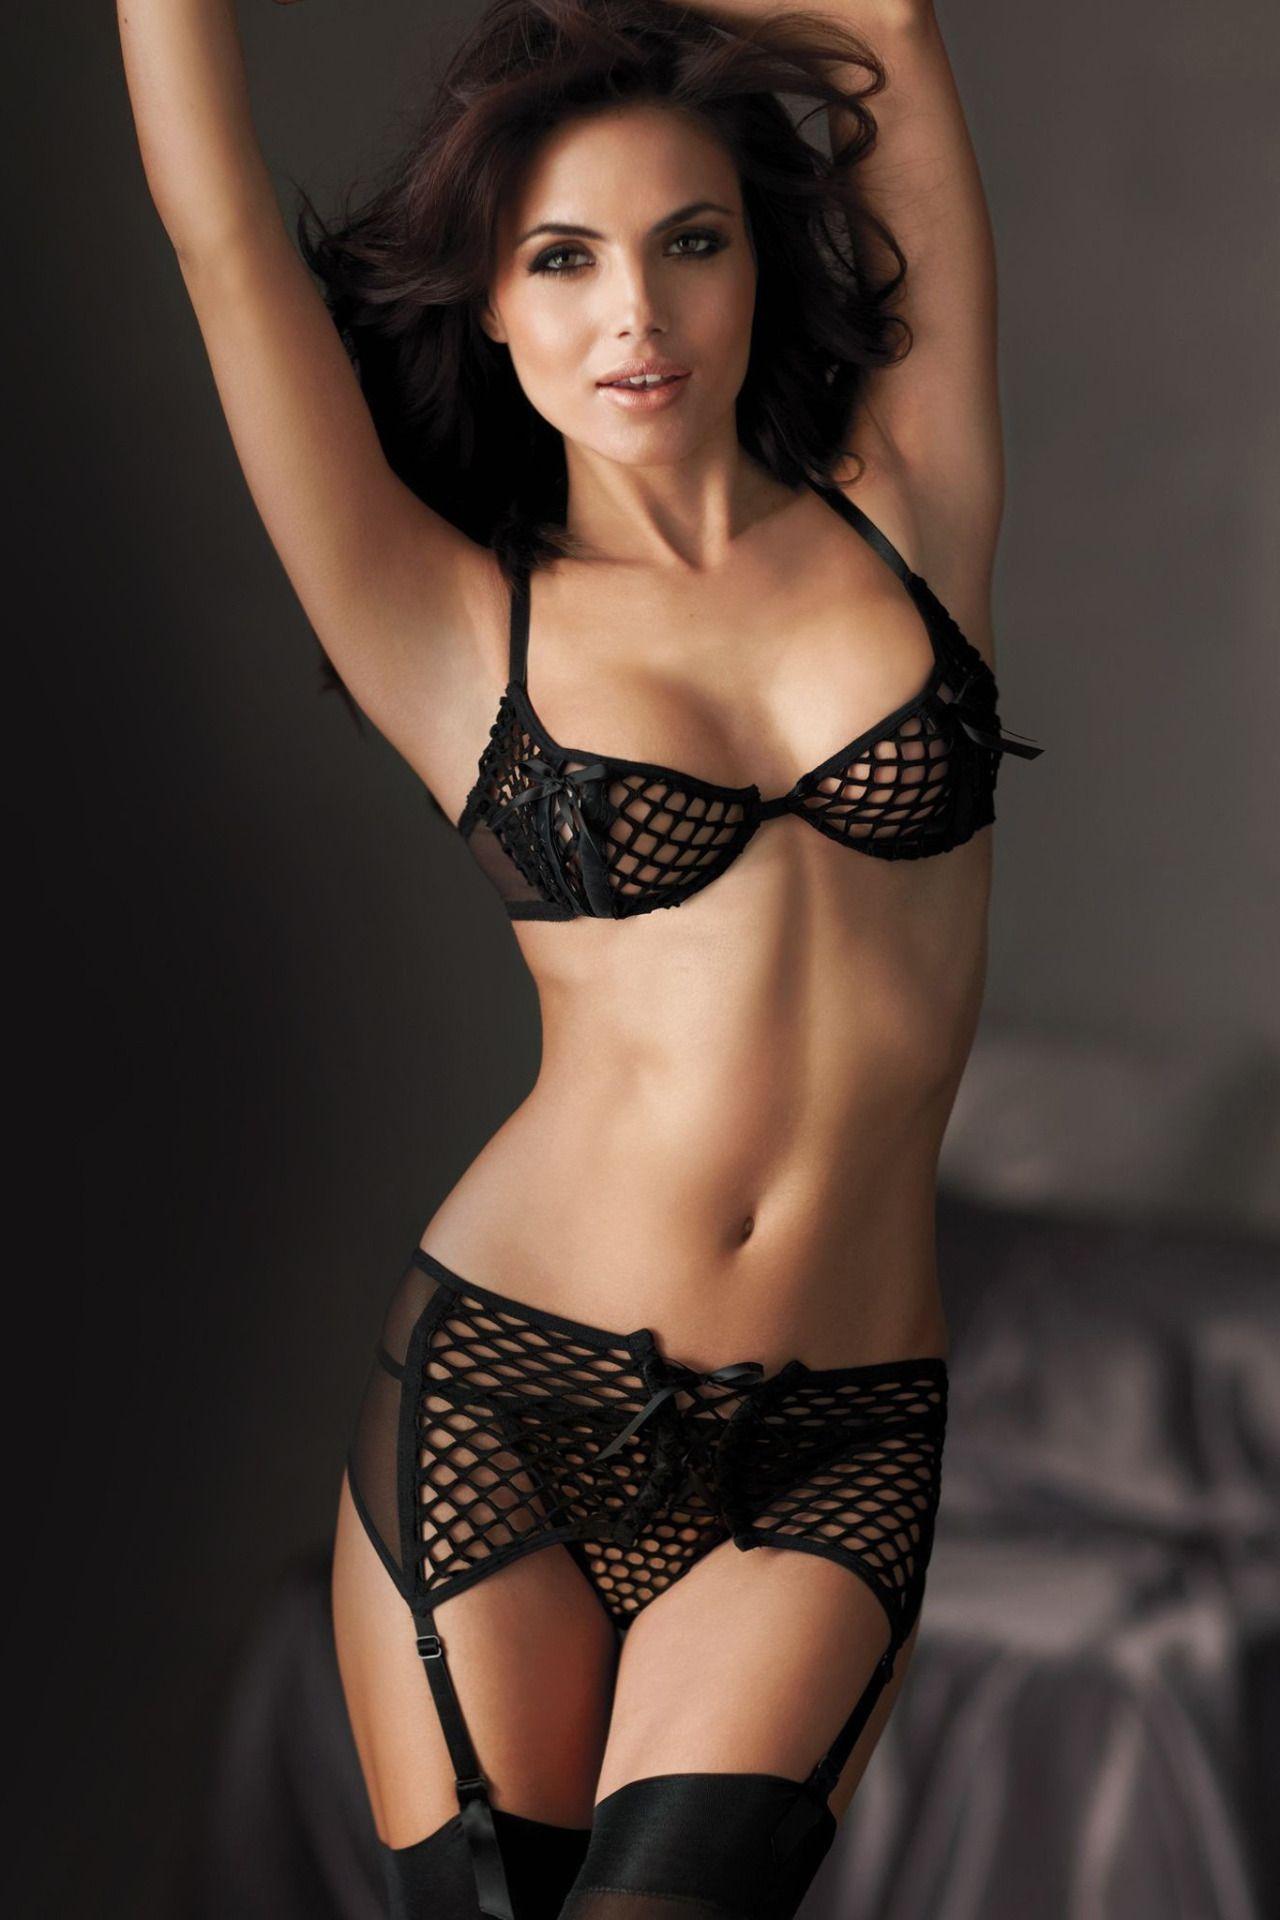 Женское белье diana групповое порно с кружевным бельем